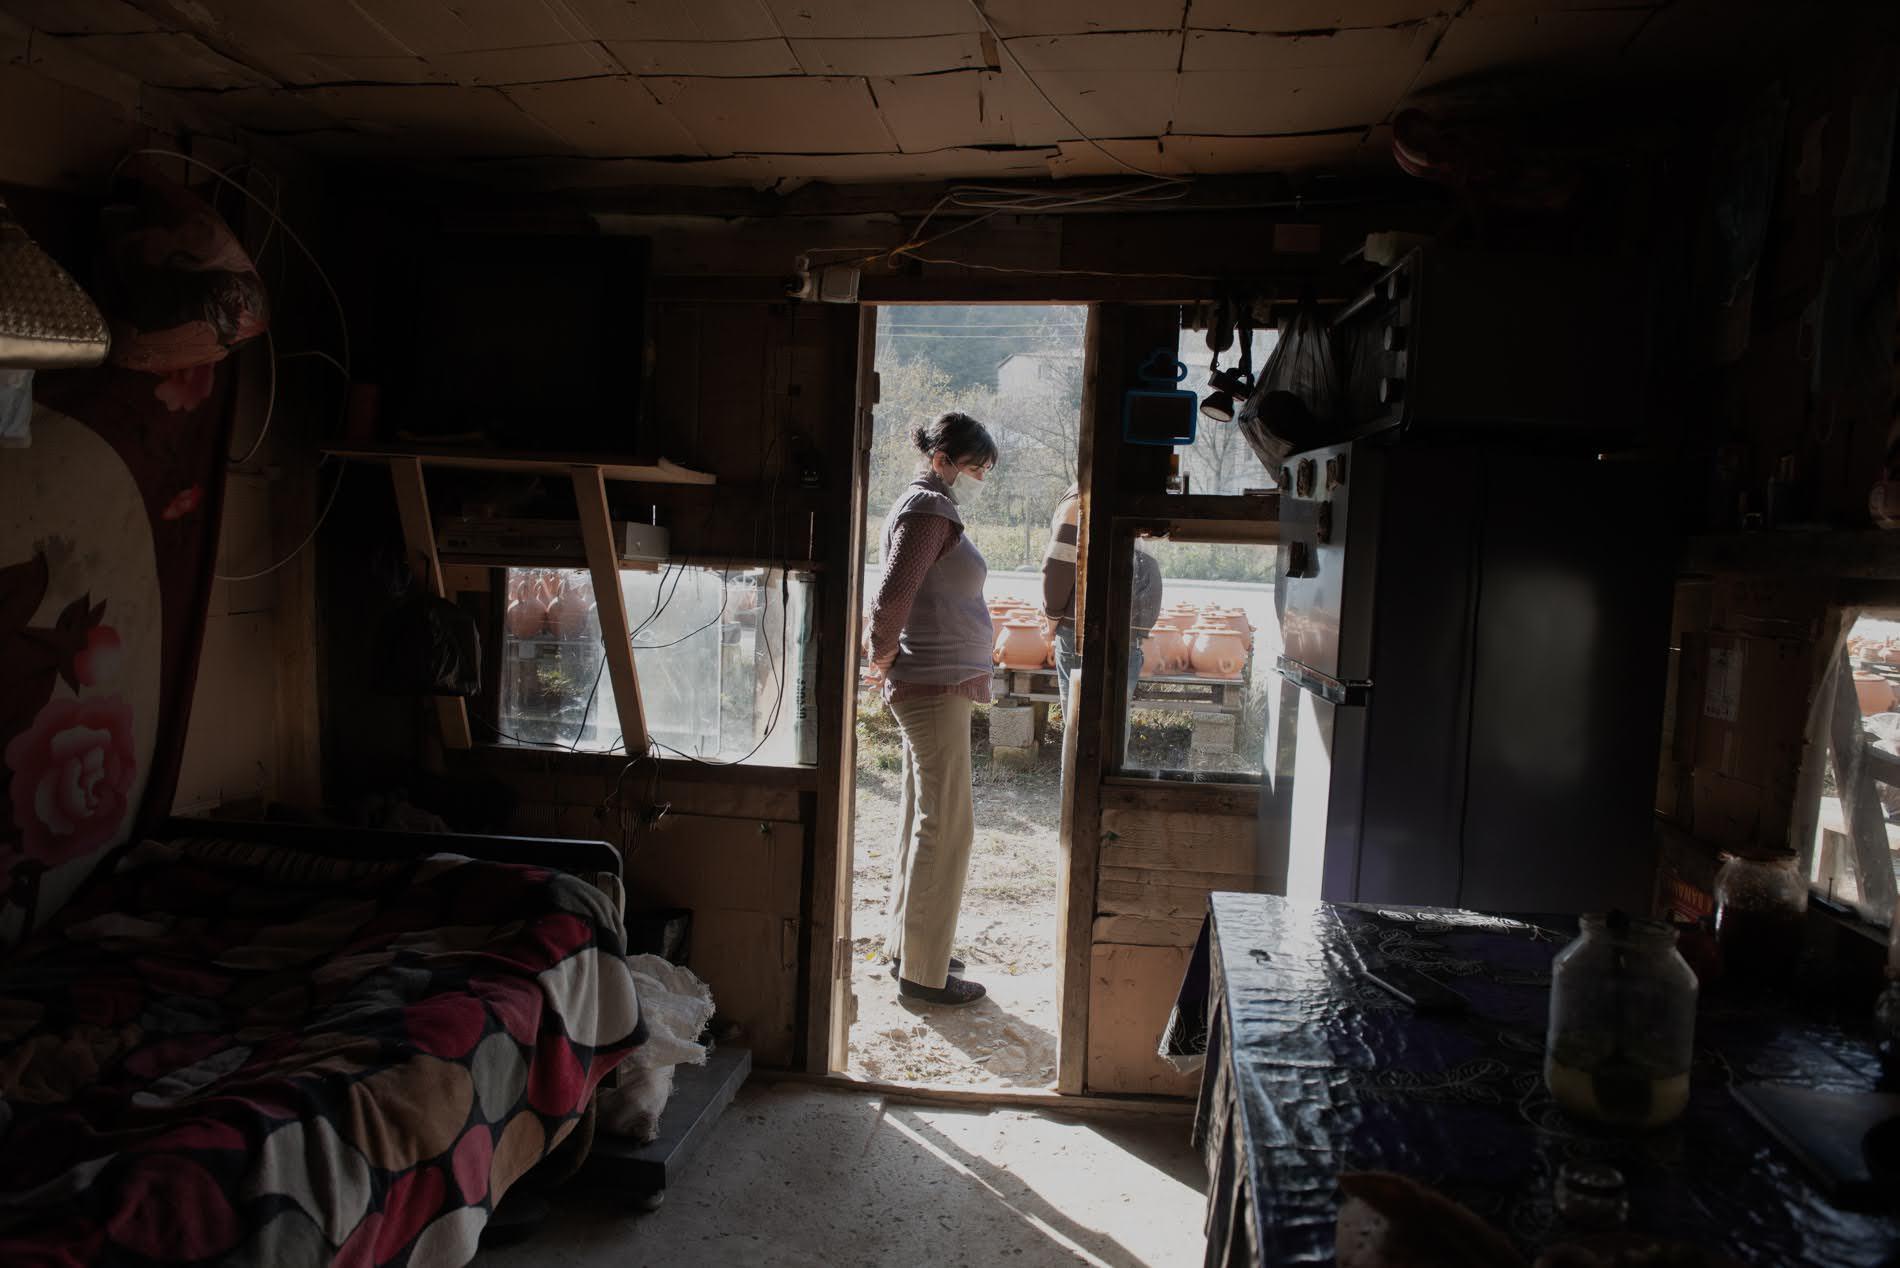 Negli ultimi tre anni, Davit e Natalia hanno vissuto quasi esclusivamente in una piccola stanza sul retro del bancone (Tamuna Chkareuli / OC Media)